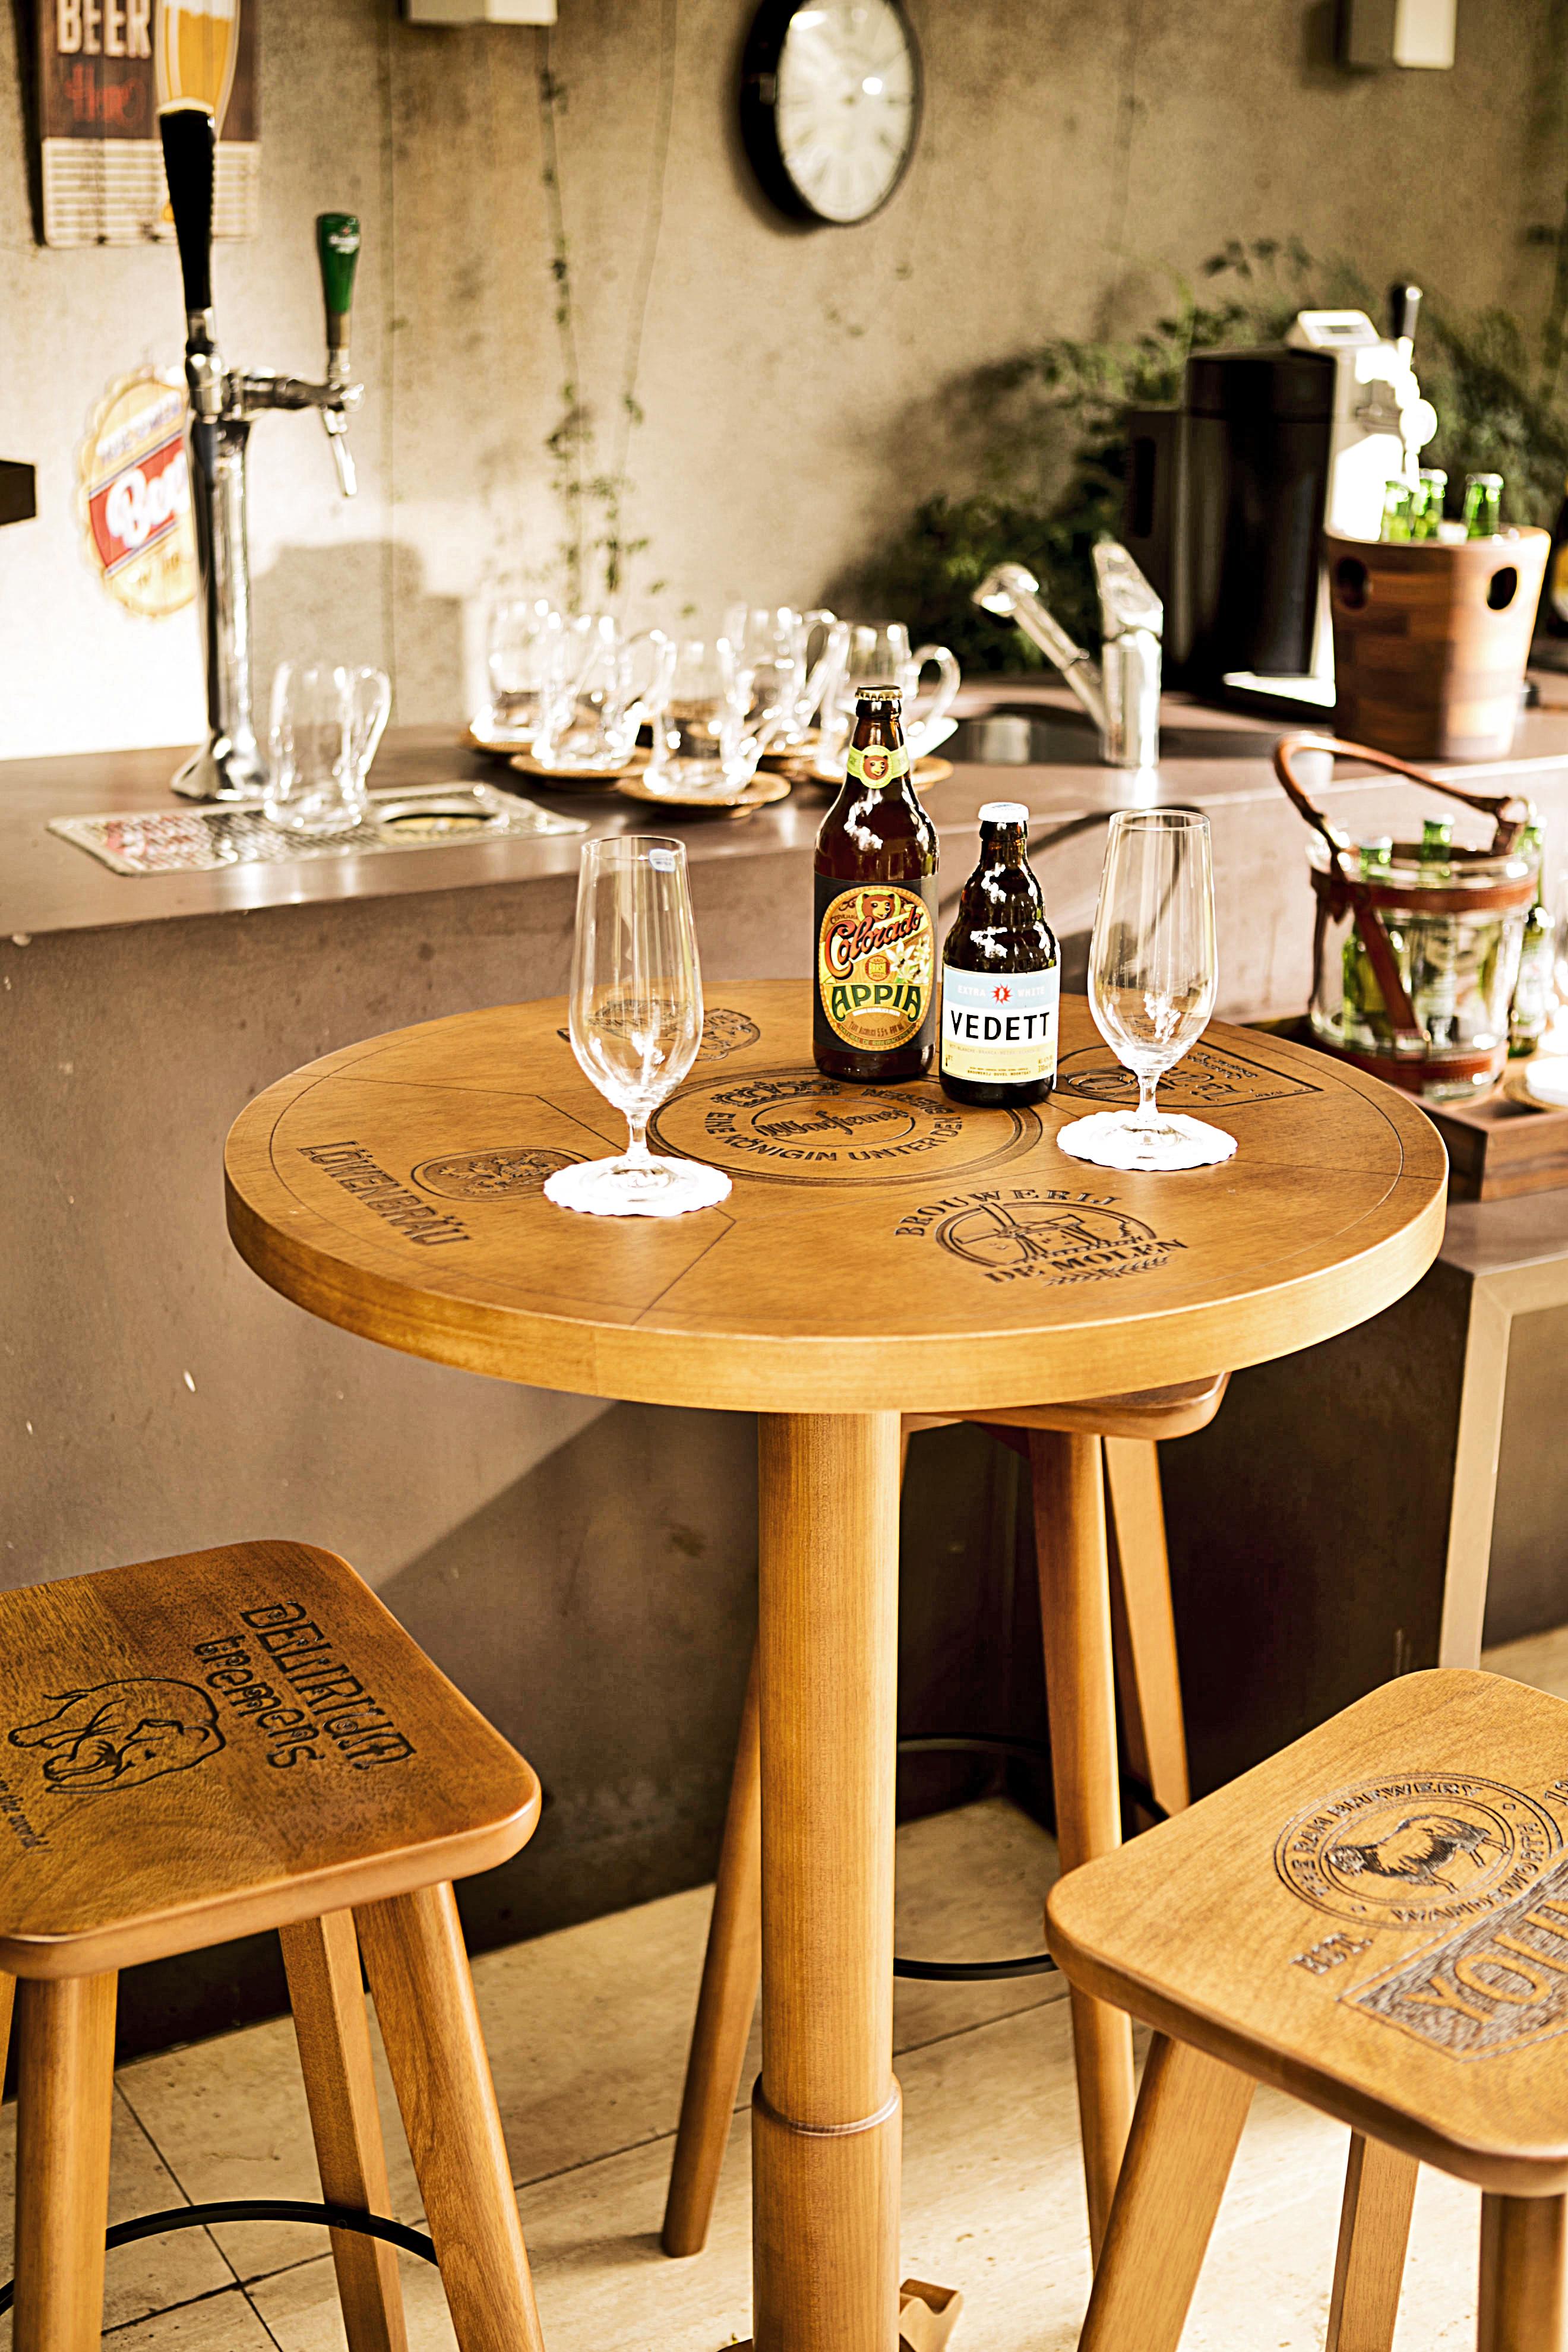 Receber os amigos para degustar cervejas artesanais fica mais gostoso com a mesa alta e as banquetas da linha Boteco, com rótulos conhececidos gravados a laser no tampo.